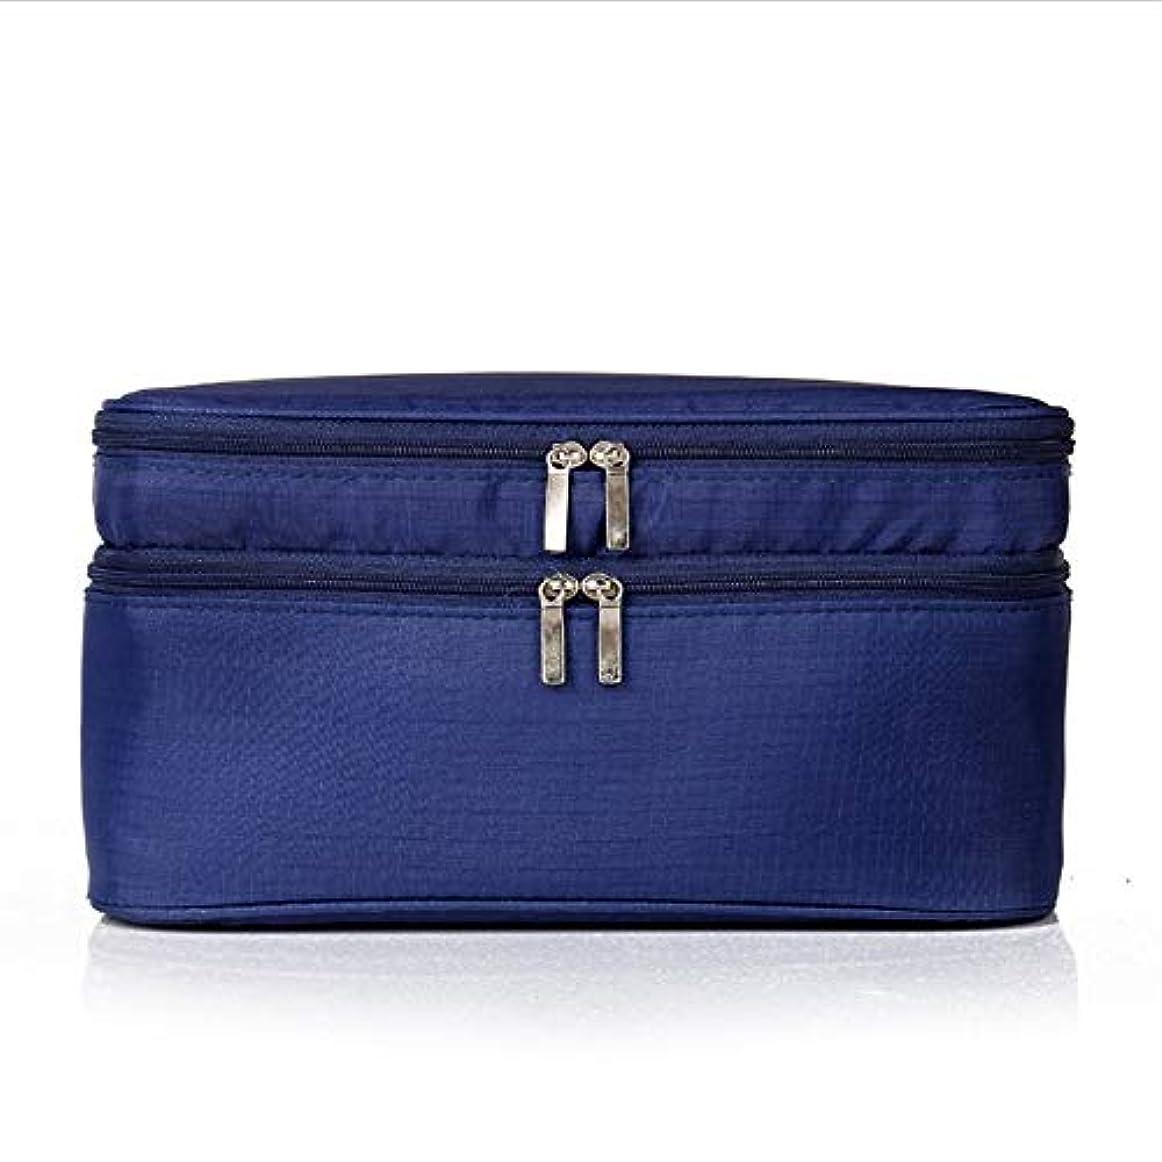 代理人バンジョークスコ化粧オーガナイザーバッグ トラベルブラジャー収納バッグアンダーウェアバッグ防水パーソナルファッションバッグピンク 化粧品ケース (色 : 青)